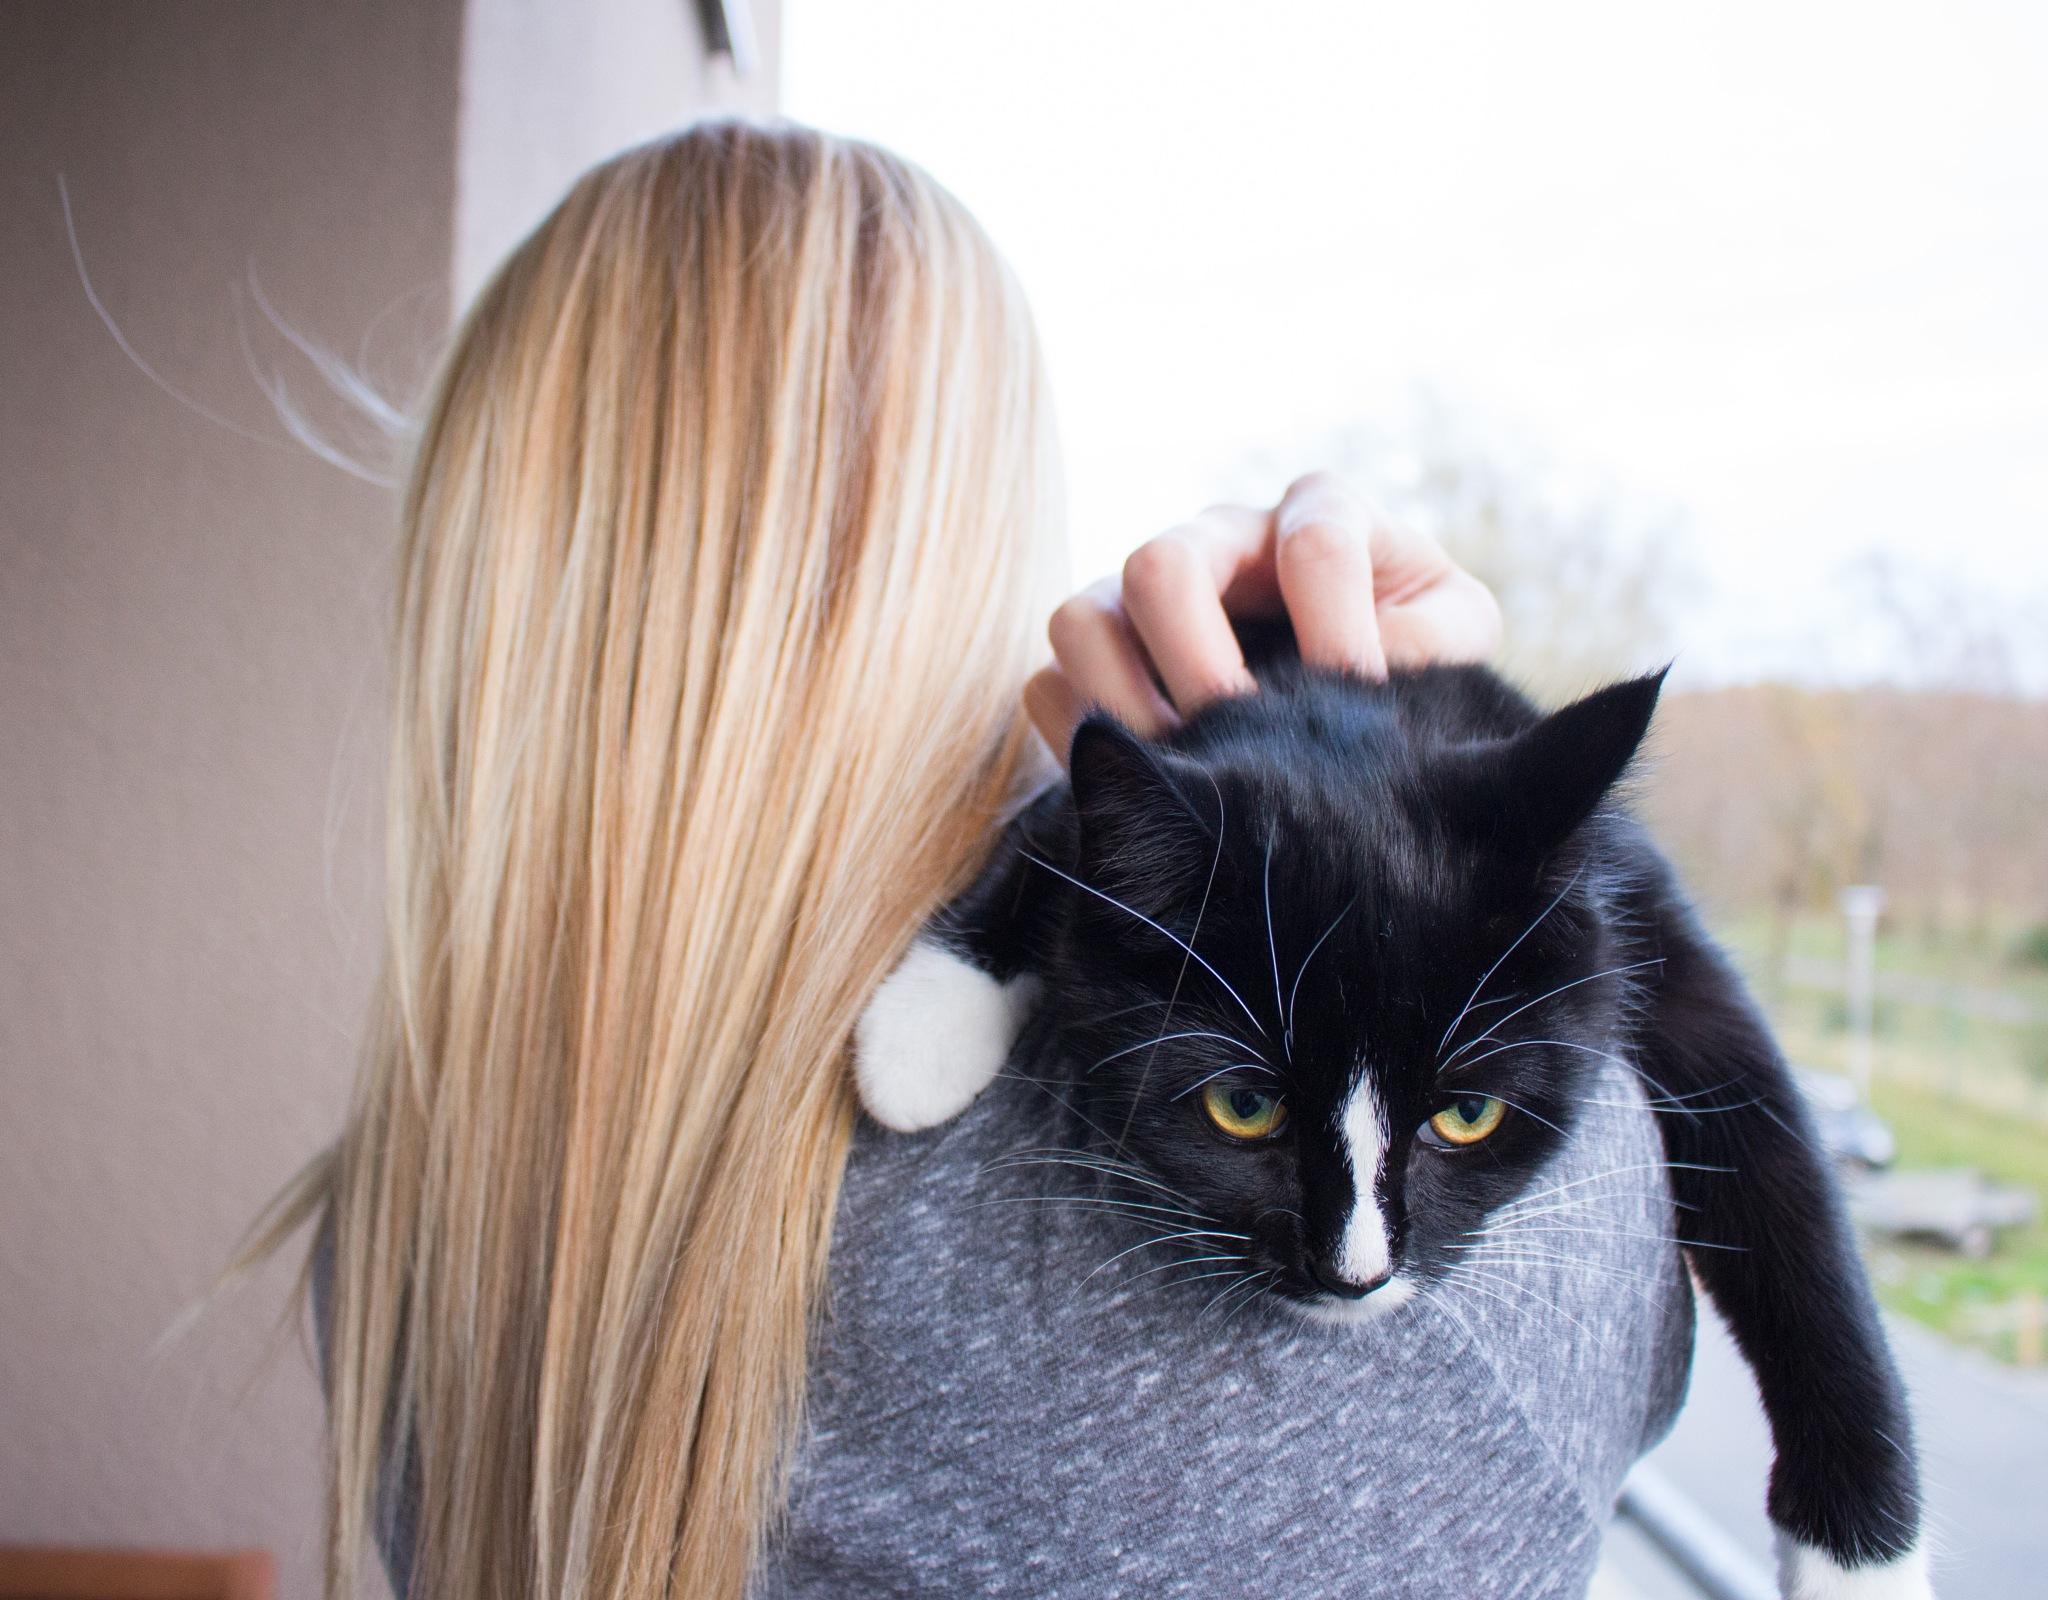 Curiosity Cat  by Henrik S.